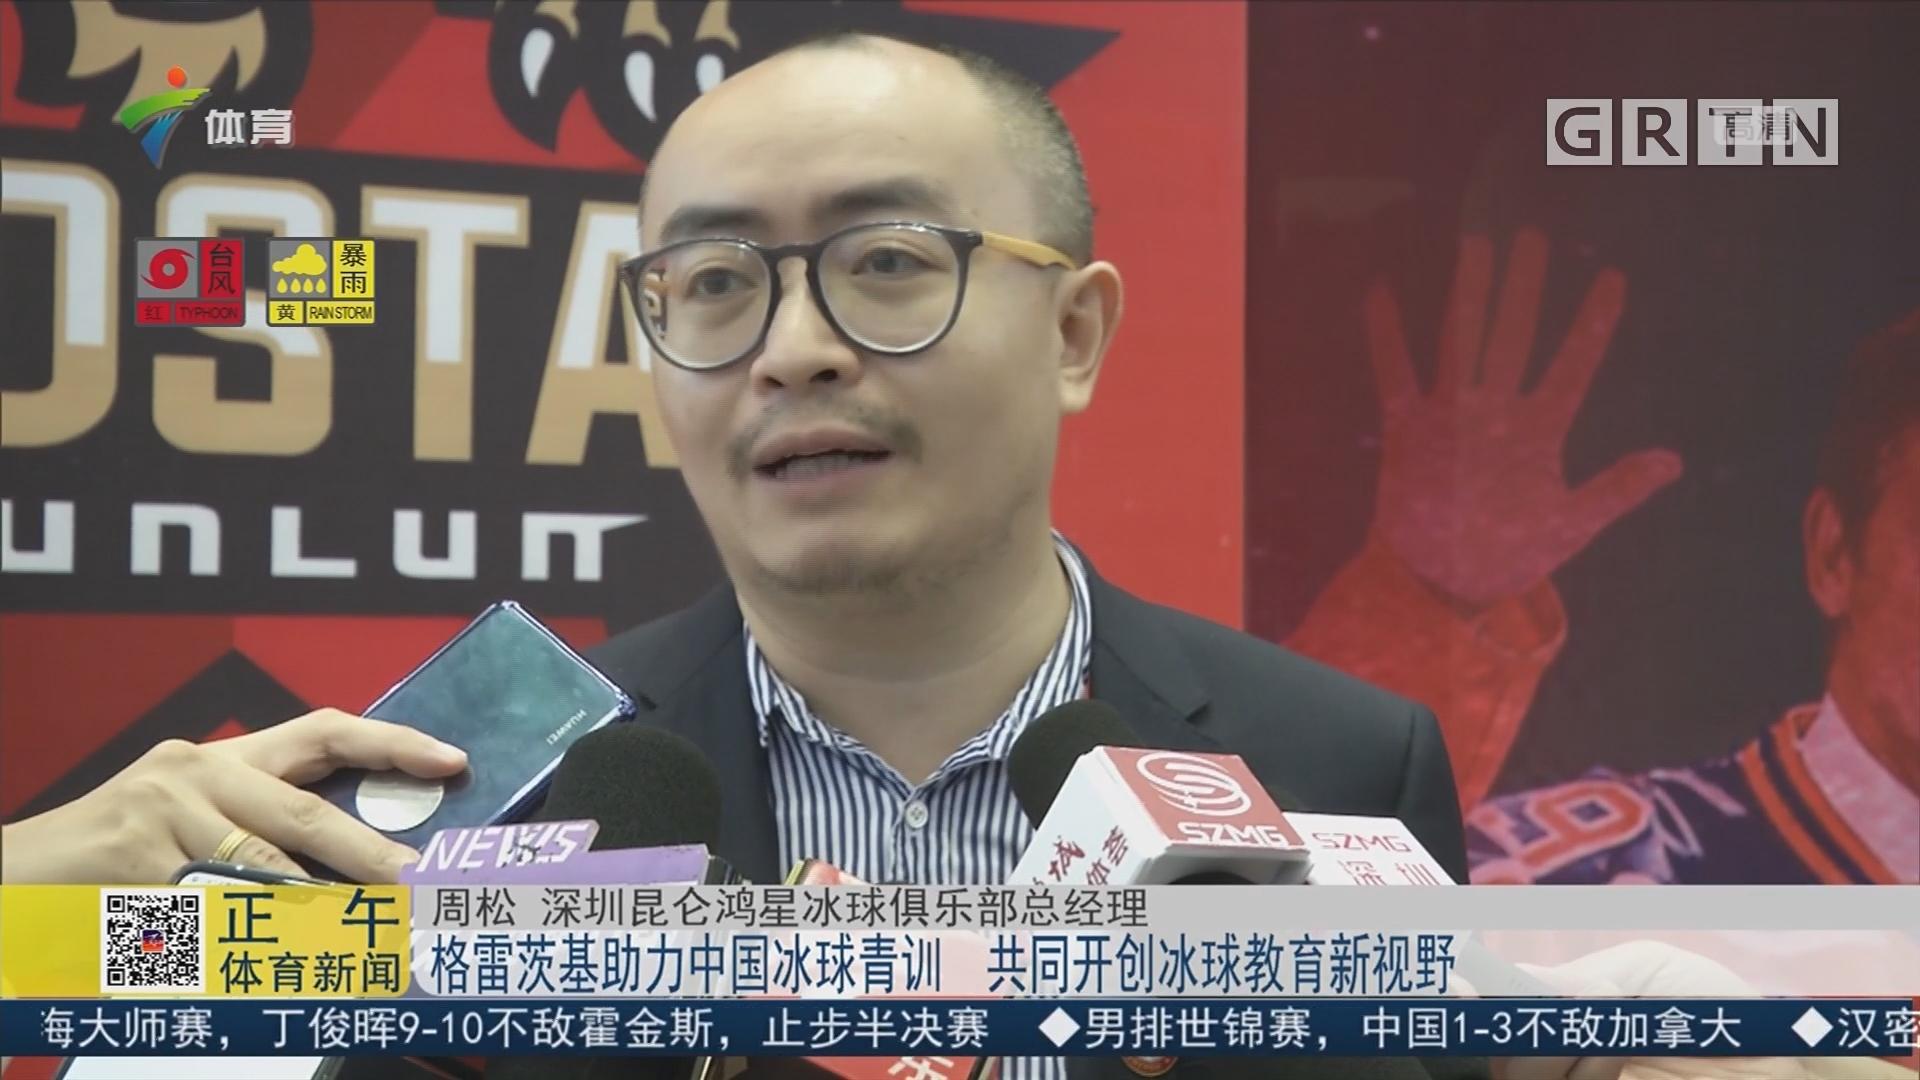 格雷茨基助力中国冰球集训 共同开创冰球教育新视野